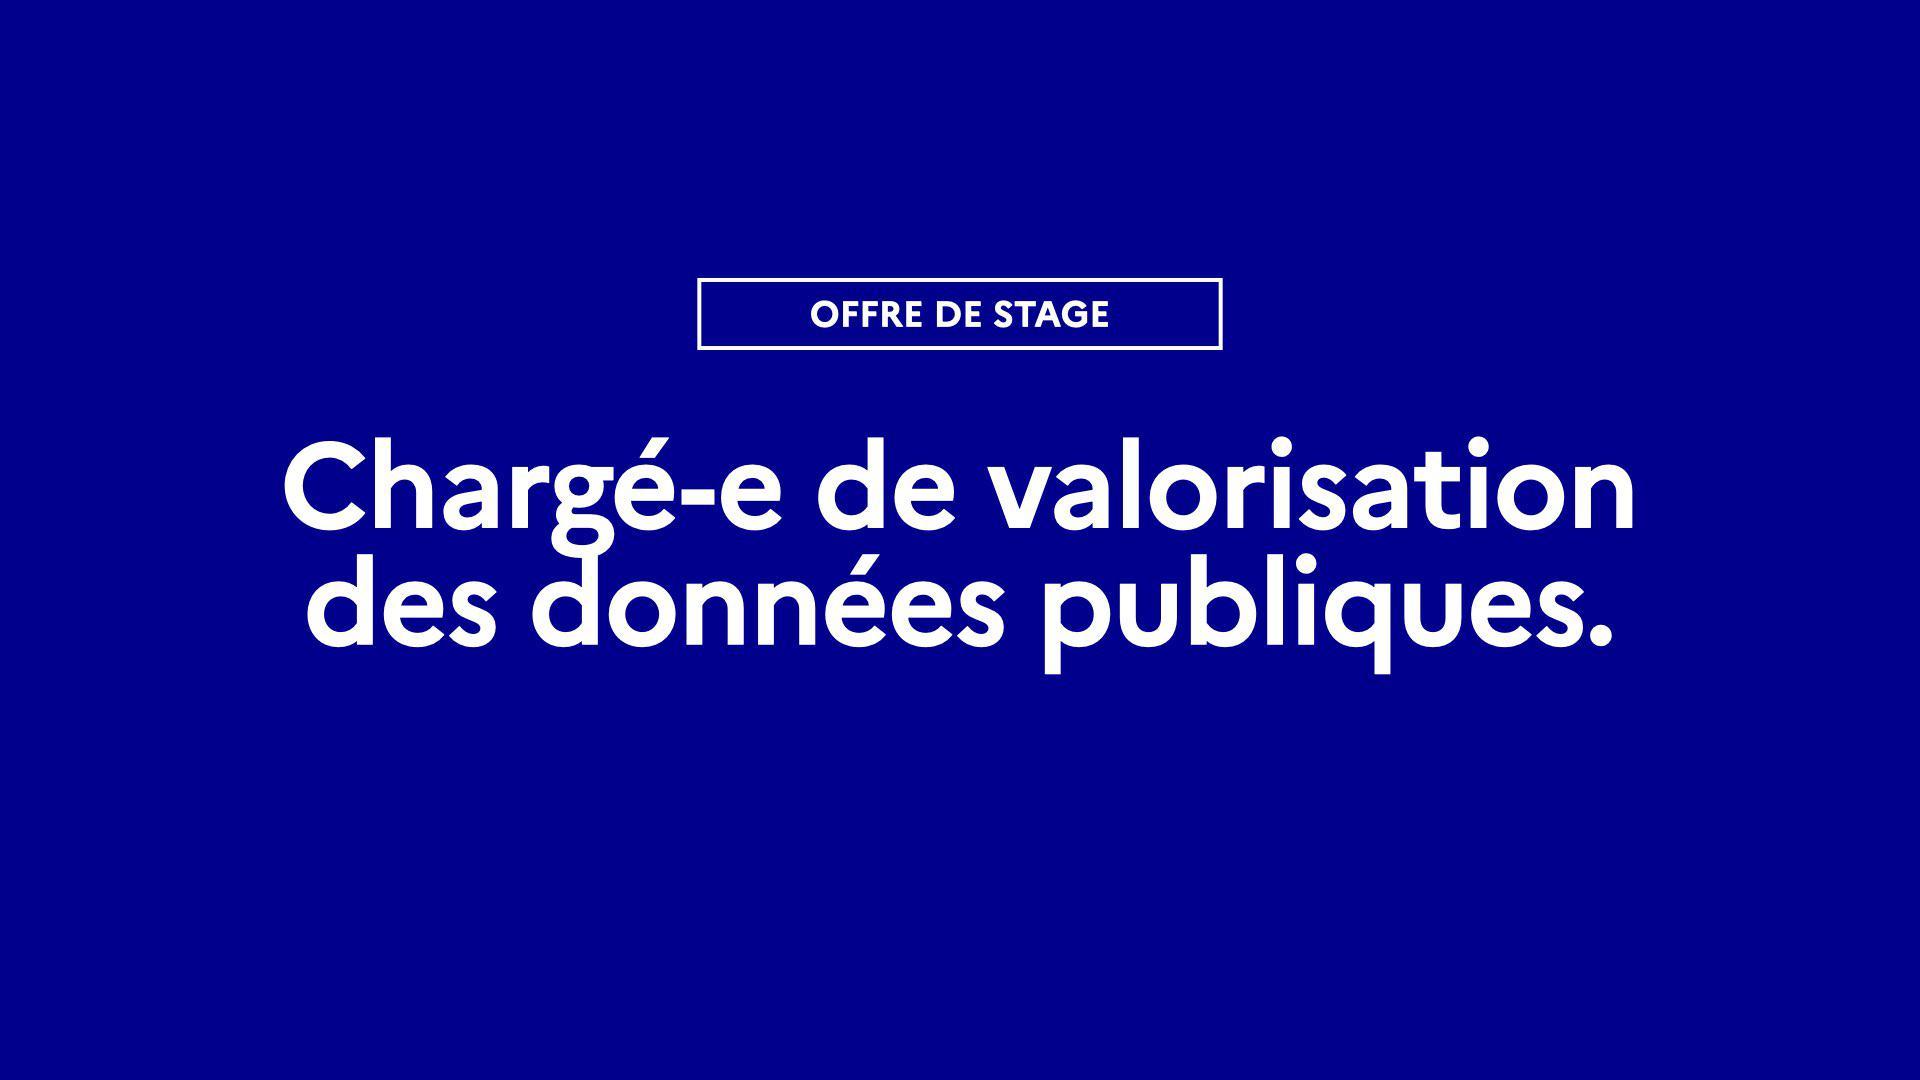 L'équipe de data.gouv.fr recrute un·e Chargé-e de valorisation des données publiques en stage